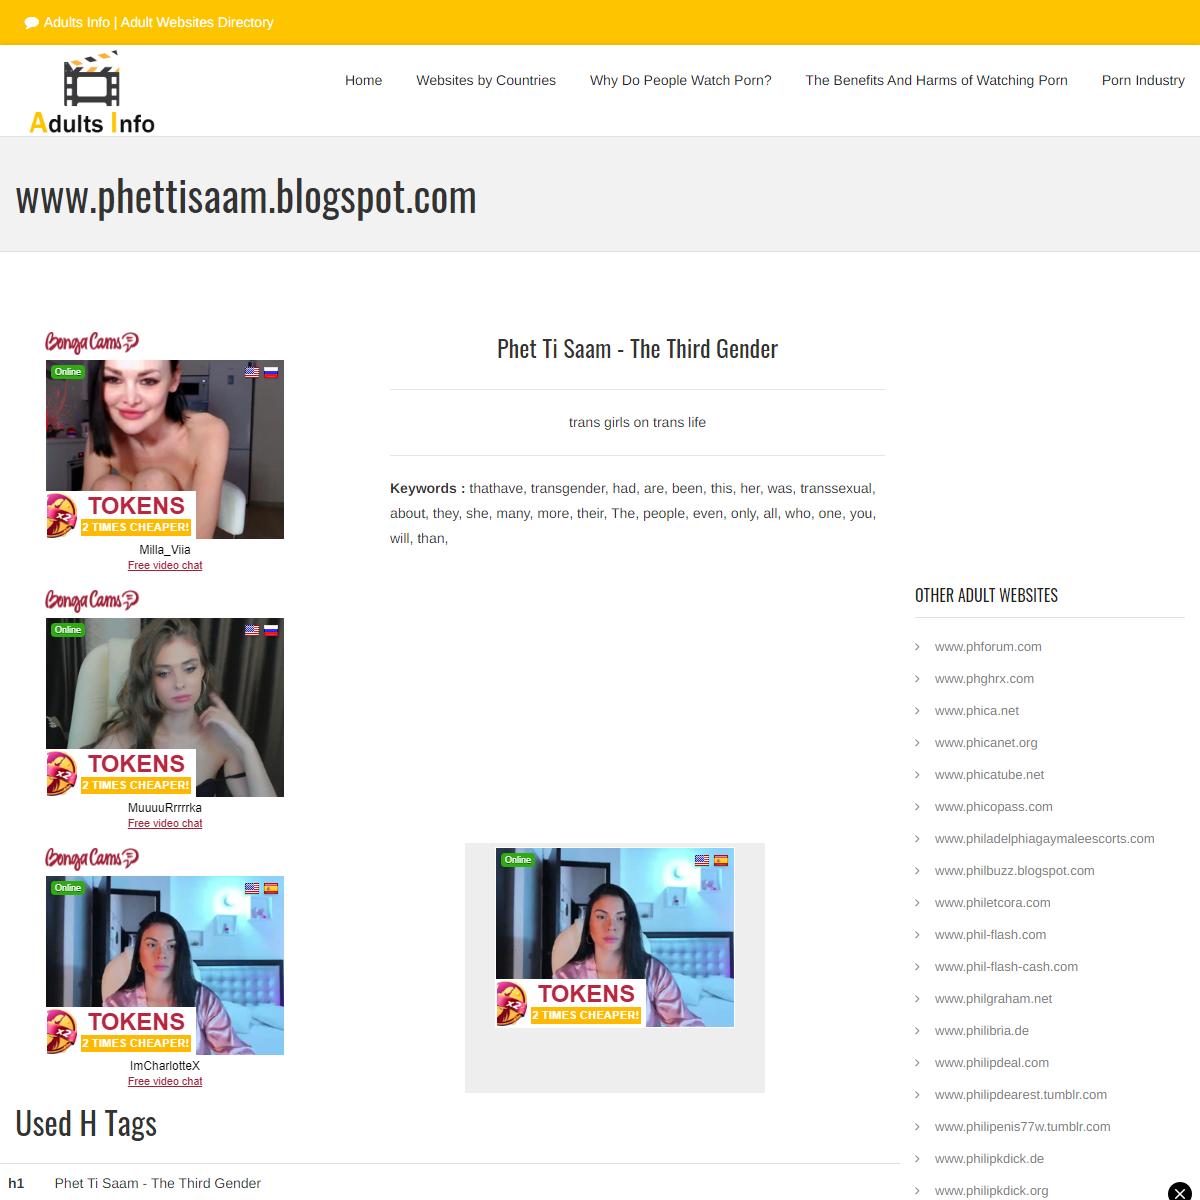 phettisaam.blogspot.com - Phet Ti Saam - The Third Gender